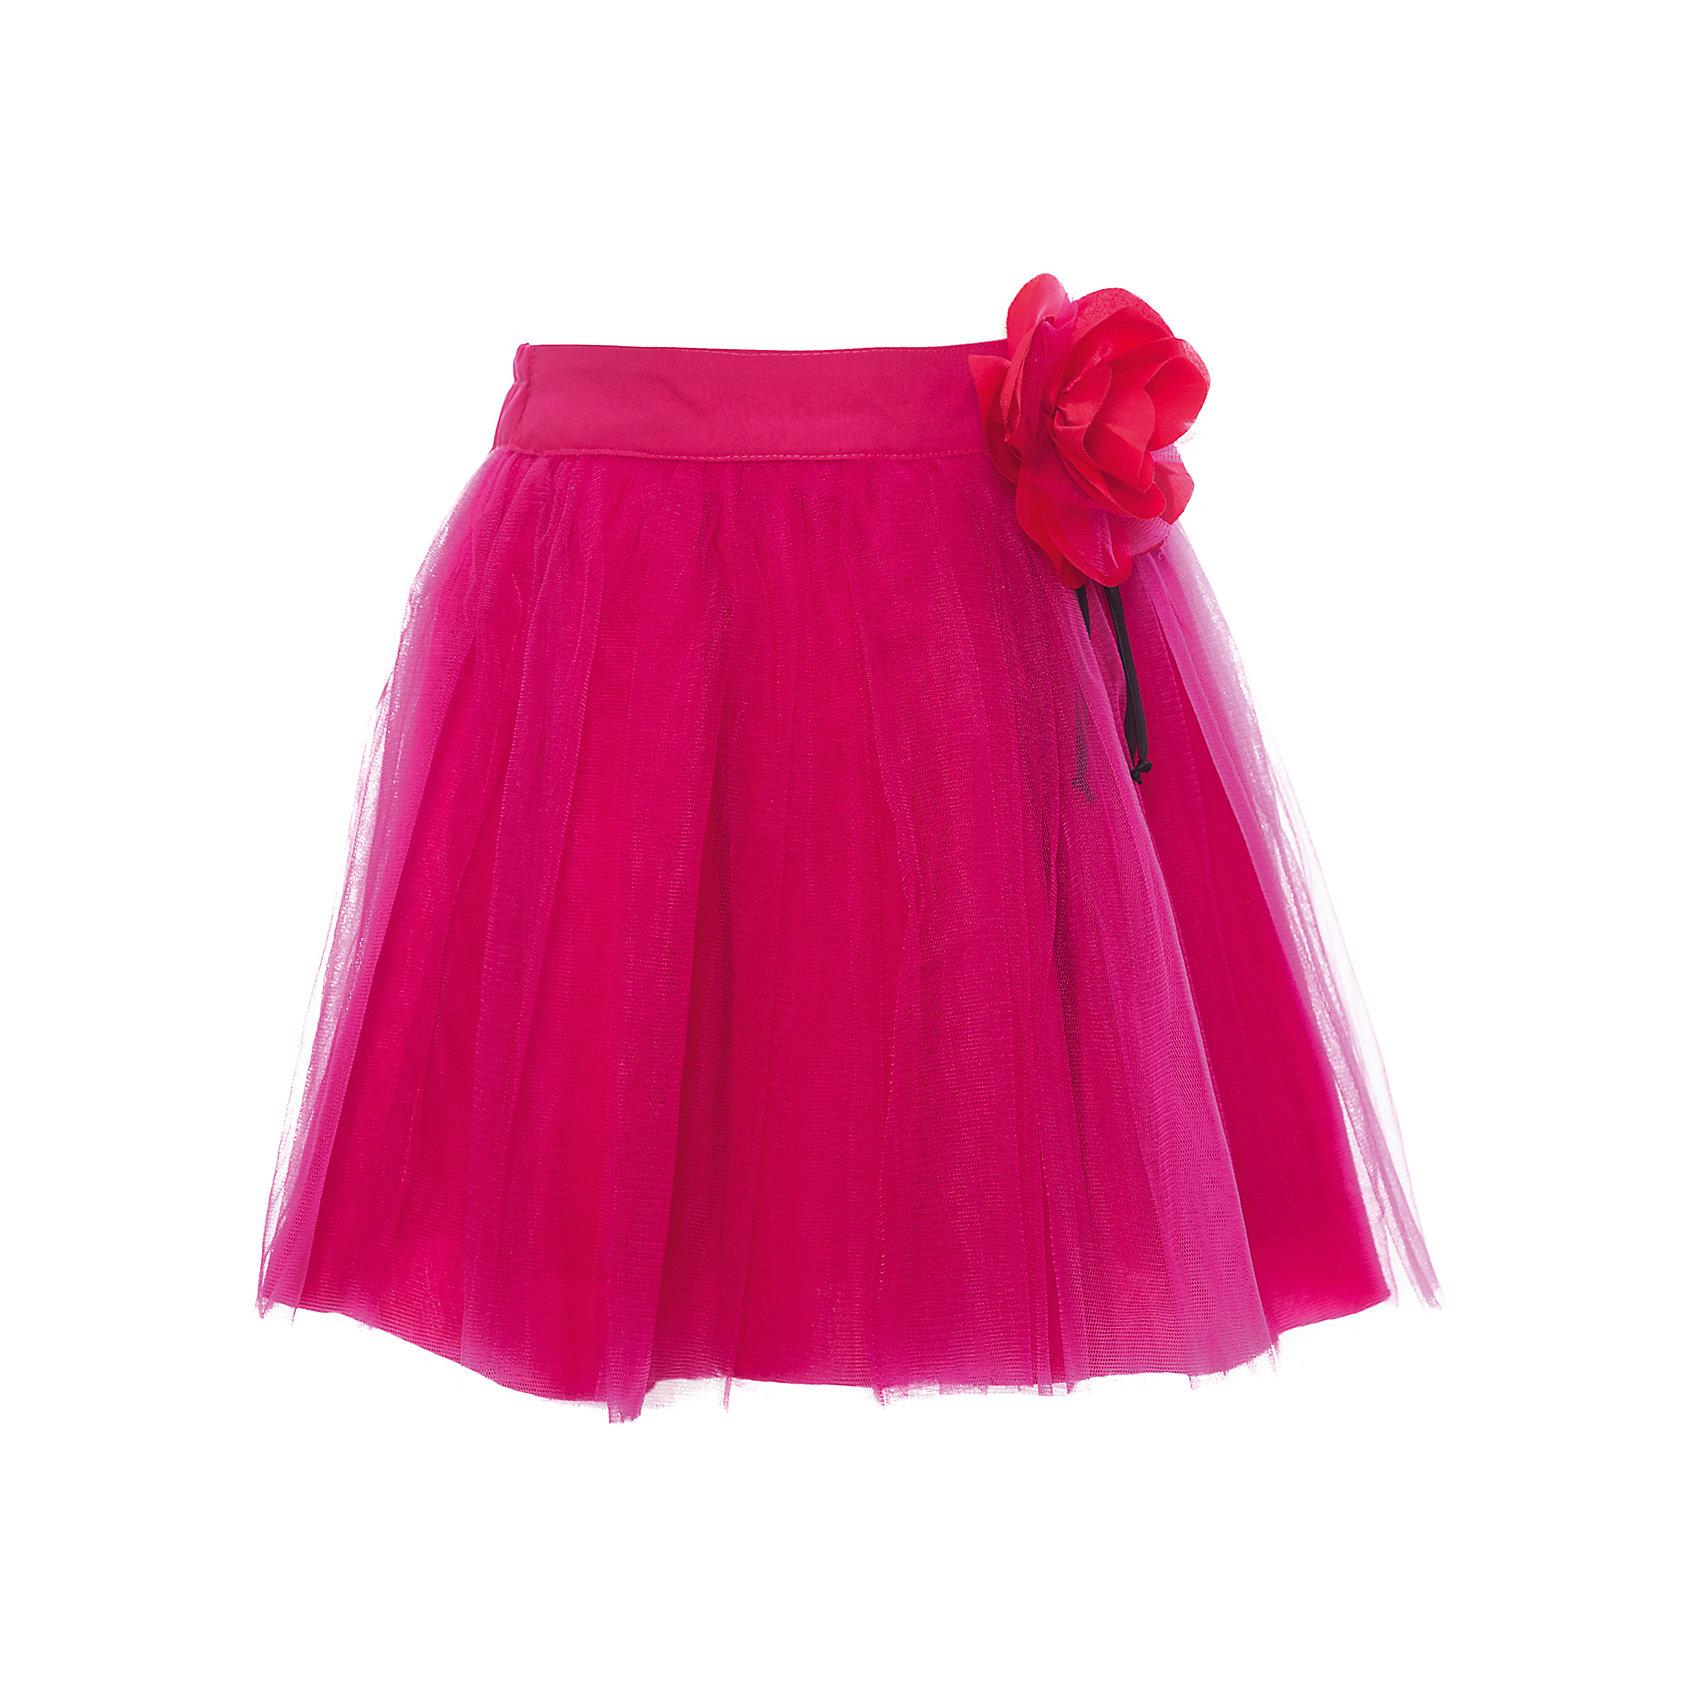 Юбка для девочки WojcikЮбки<br>Характеристики товара:<br><br>• цвет: розовый<br>• состав ткани: полиэстер<br>• пояс: резинка<br>• сезон: лето<br>• страна бренда: Польша<br>• страна изготовитель: Польша<br><br>Данная модель одежды для лета сделана из натурального материала, есть подкладка. Розовая юбка для девочки Wojcik - удобная и модная летняя одежда. <br><br>Эта пышная юбка для девочки Войчик отличается модным кроем, пышным силуэтом. Польская одежда для детей от бренда Войчик - это качественные и стильные вещи.<br><br>Юбку для девочки Wojcik (Войчик) можно купить в нашем интернет-магазине.<br><br>Ширина мм: 207<br>Глубина мм: 10<br>Высота мм: 189<br>Вес г: 183<br>Цвет: розовый<br>Возраст от месяцев: 96<br>Возраст до месяцев: 108<br>Пол: Женский<br>Возраст: Детский<br>Размер: 134,158,152,146,140<br>SKU: 5589698